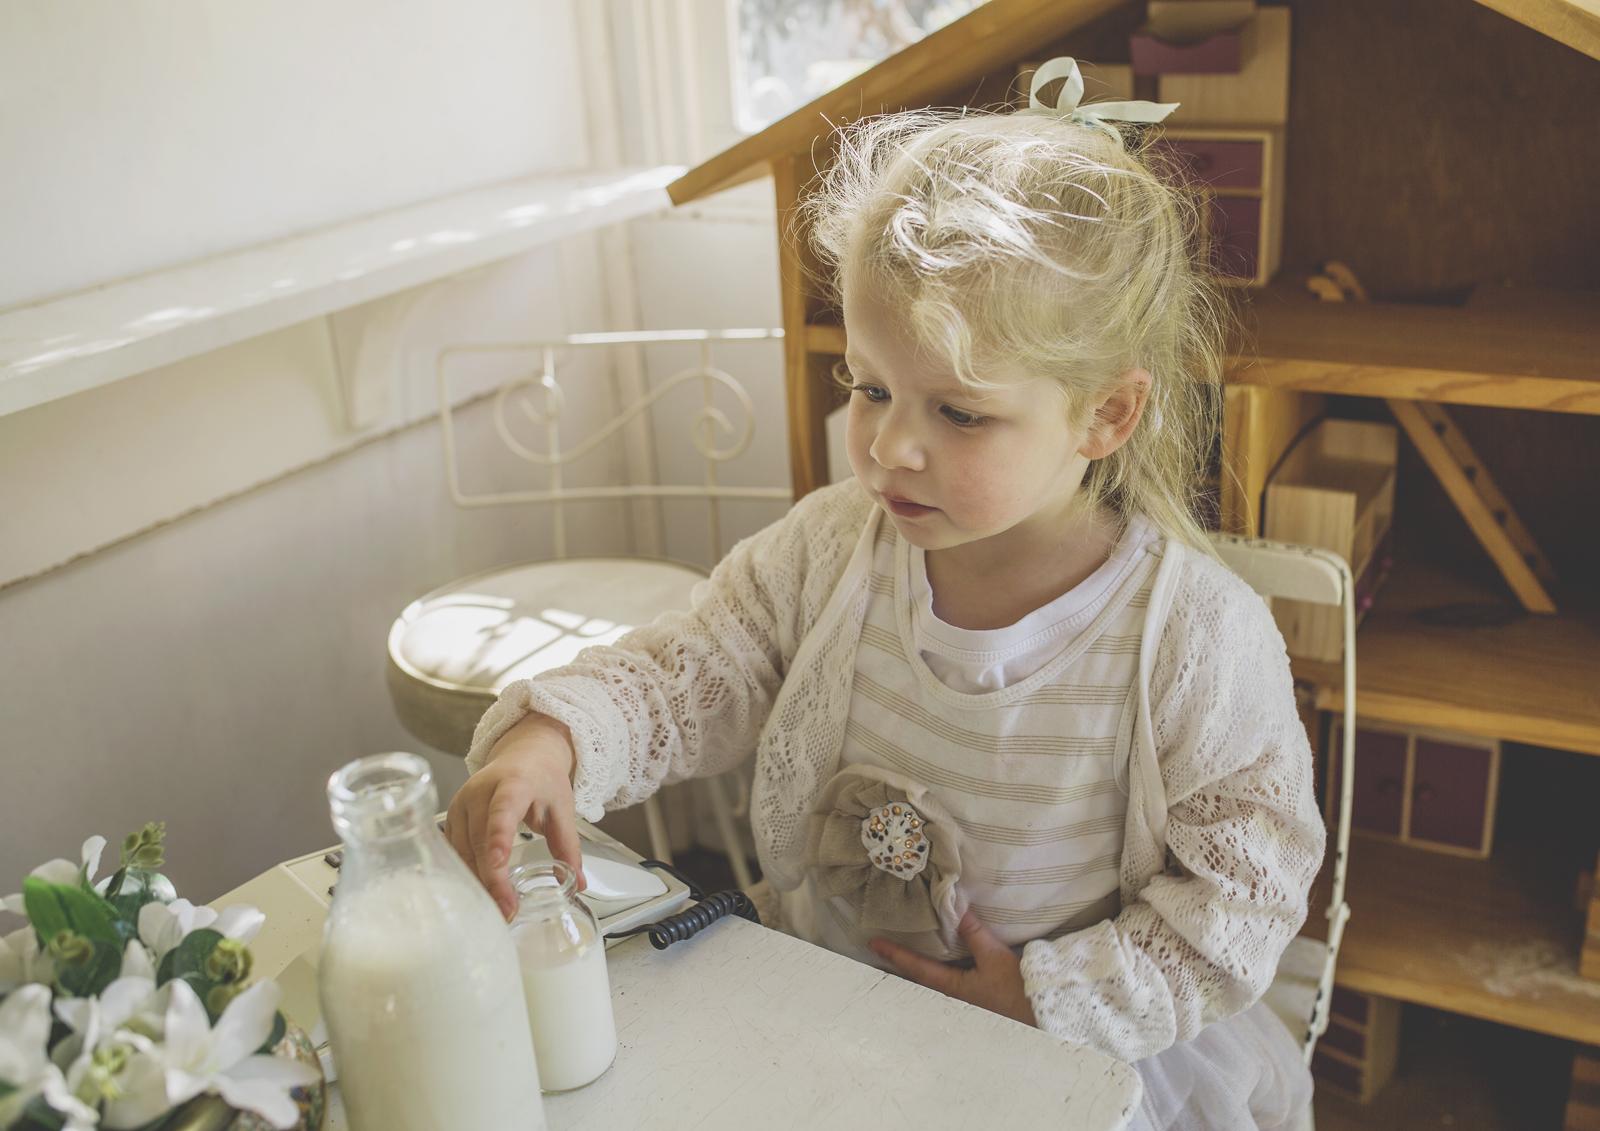 Little girl having morning tea in her cubby!